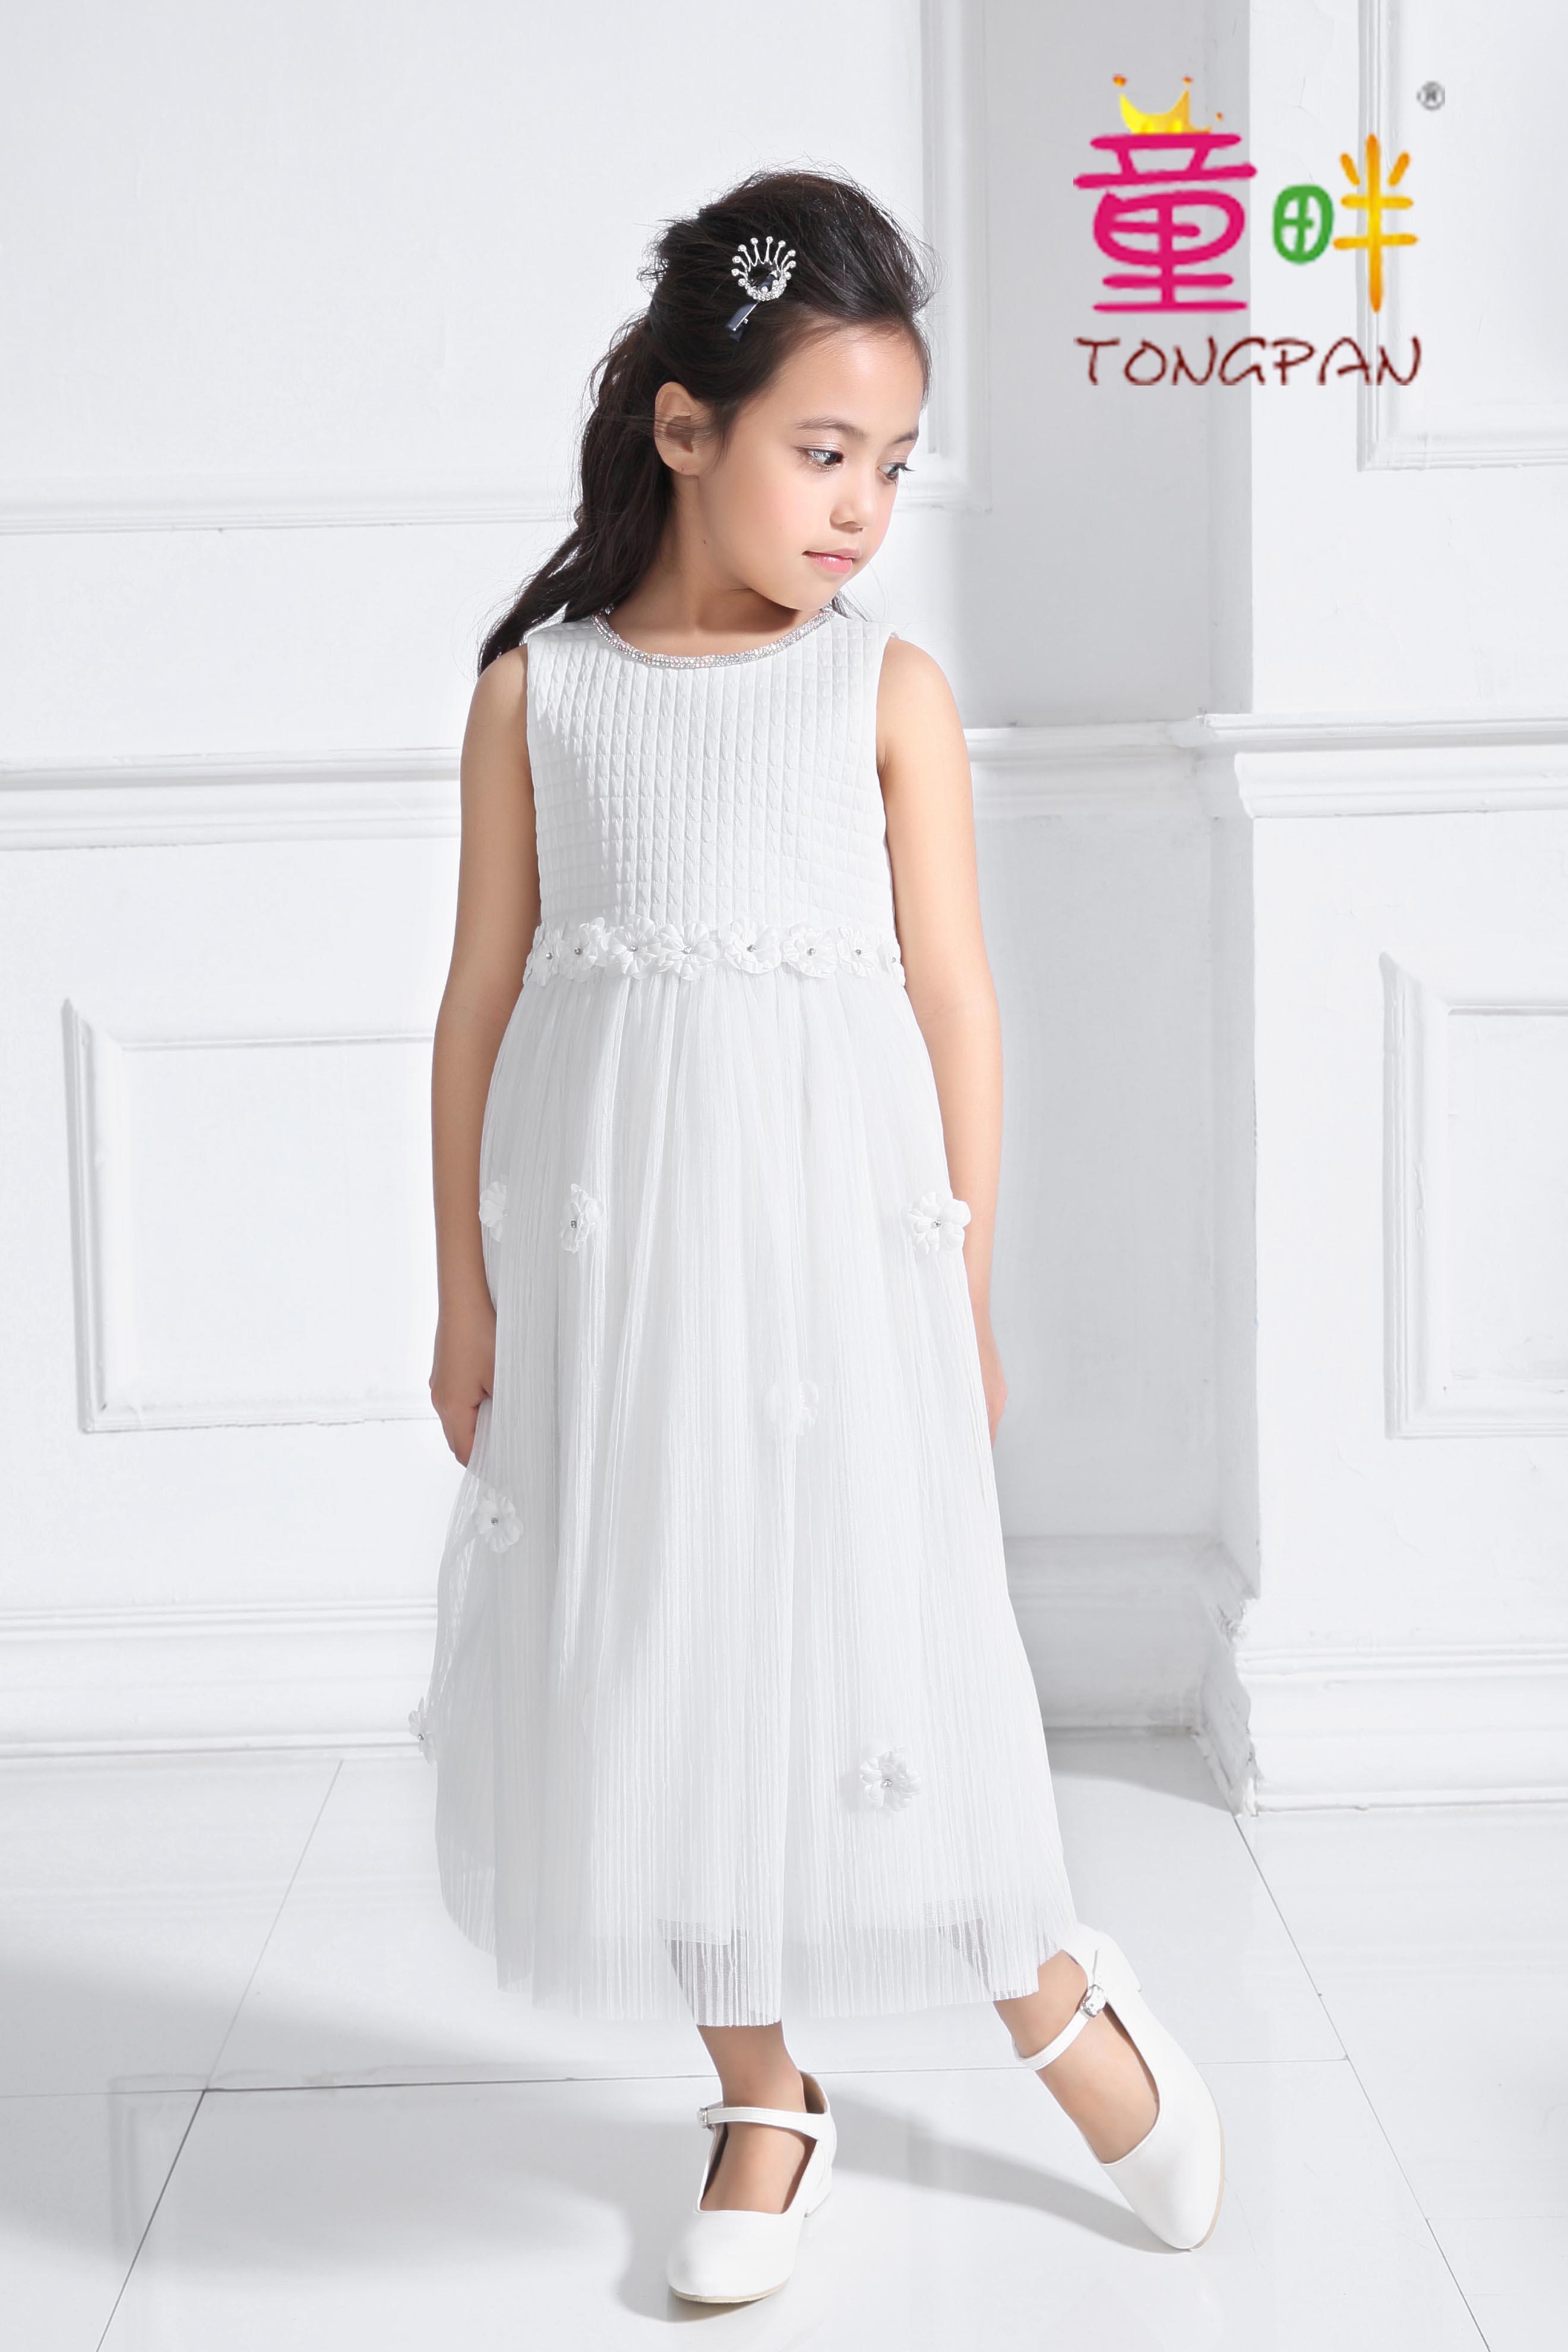 童畔儿童走秀礼服阳光女孩优雅长裙